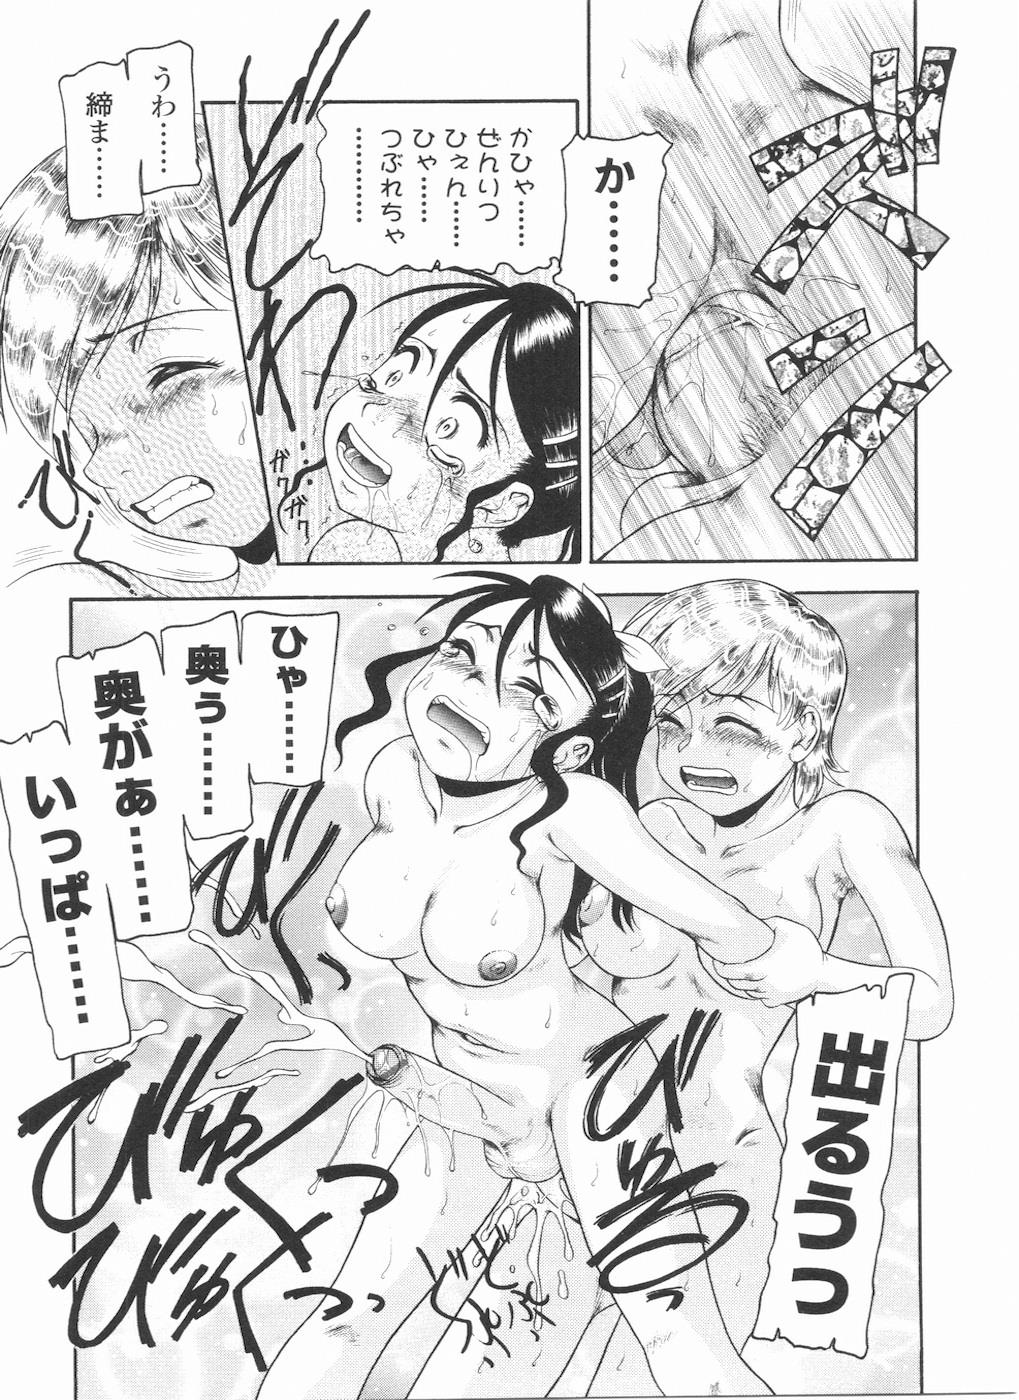 Futanarikko LOVE 11 202